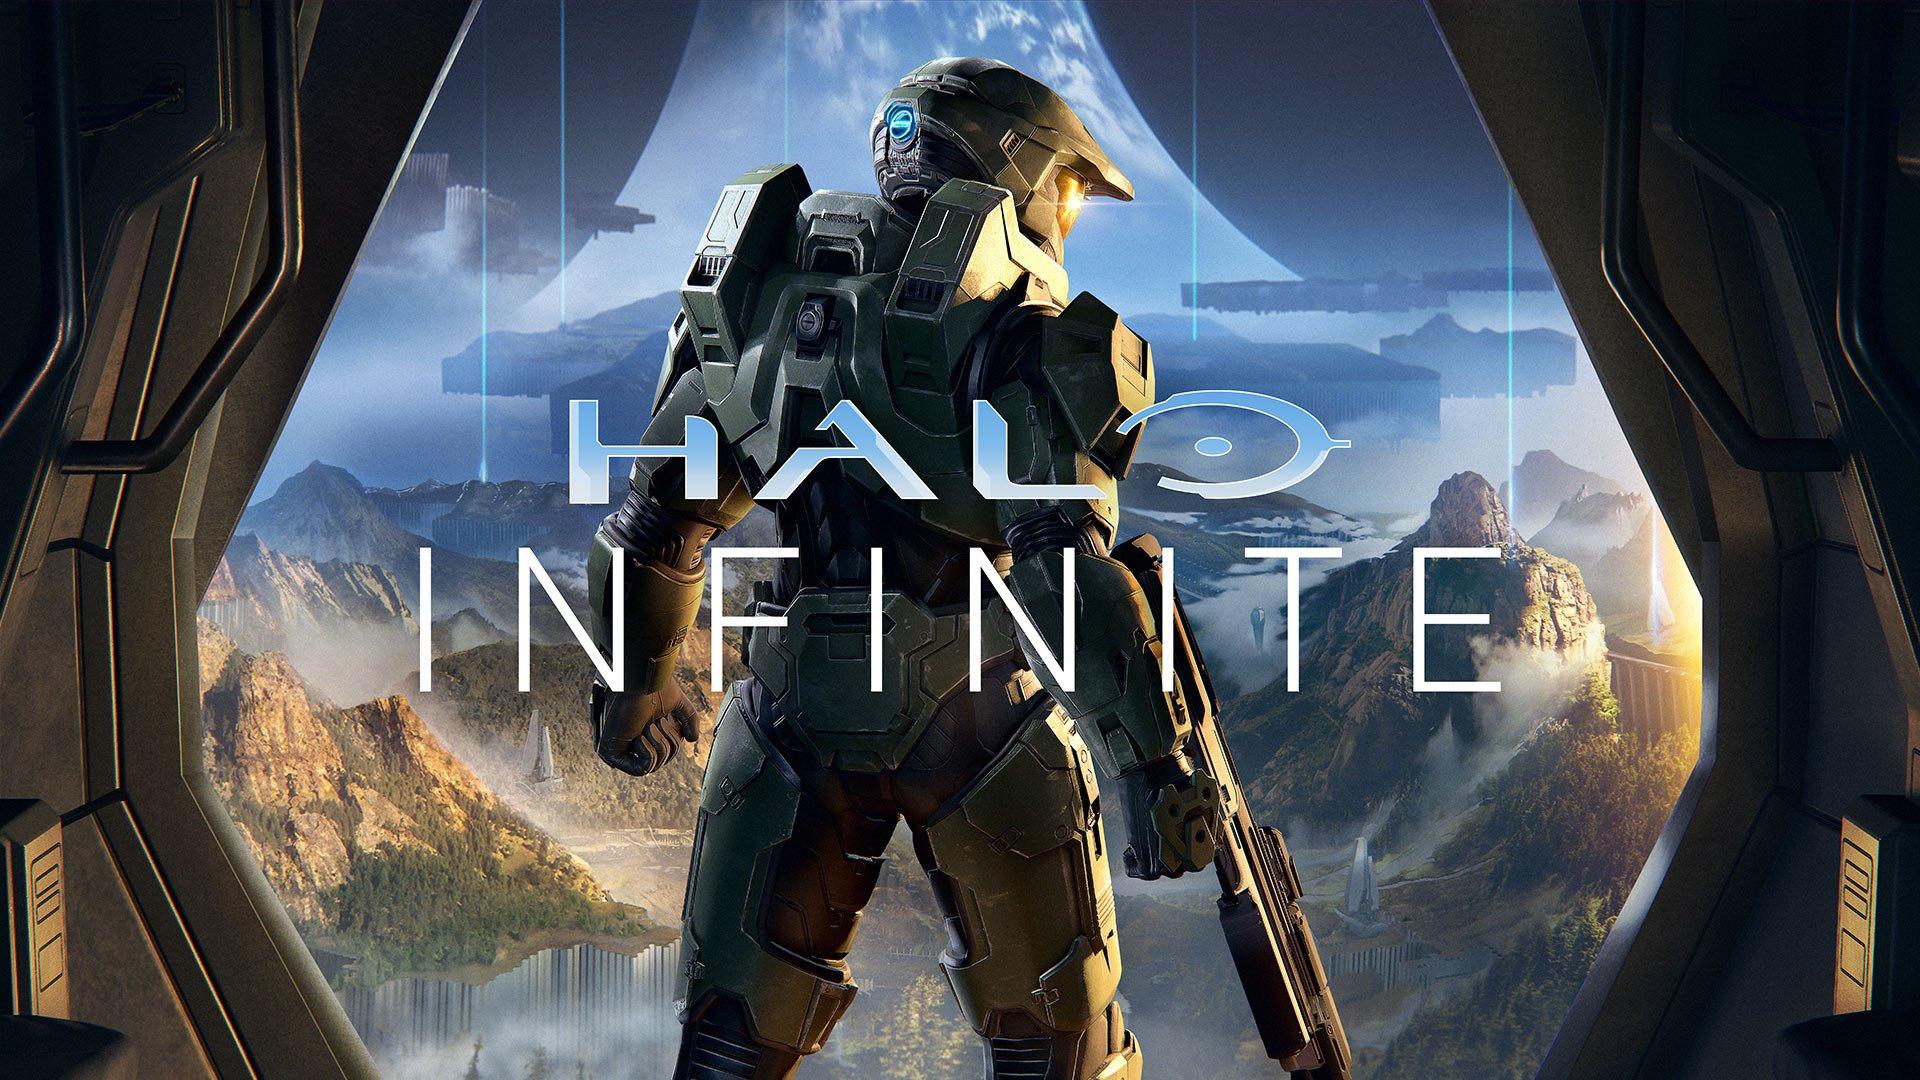 Jogos: Halo Infinite tem lançamento adiado para 2021